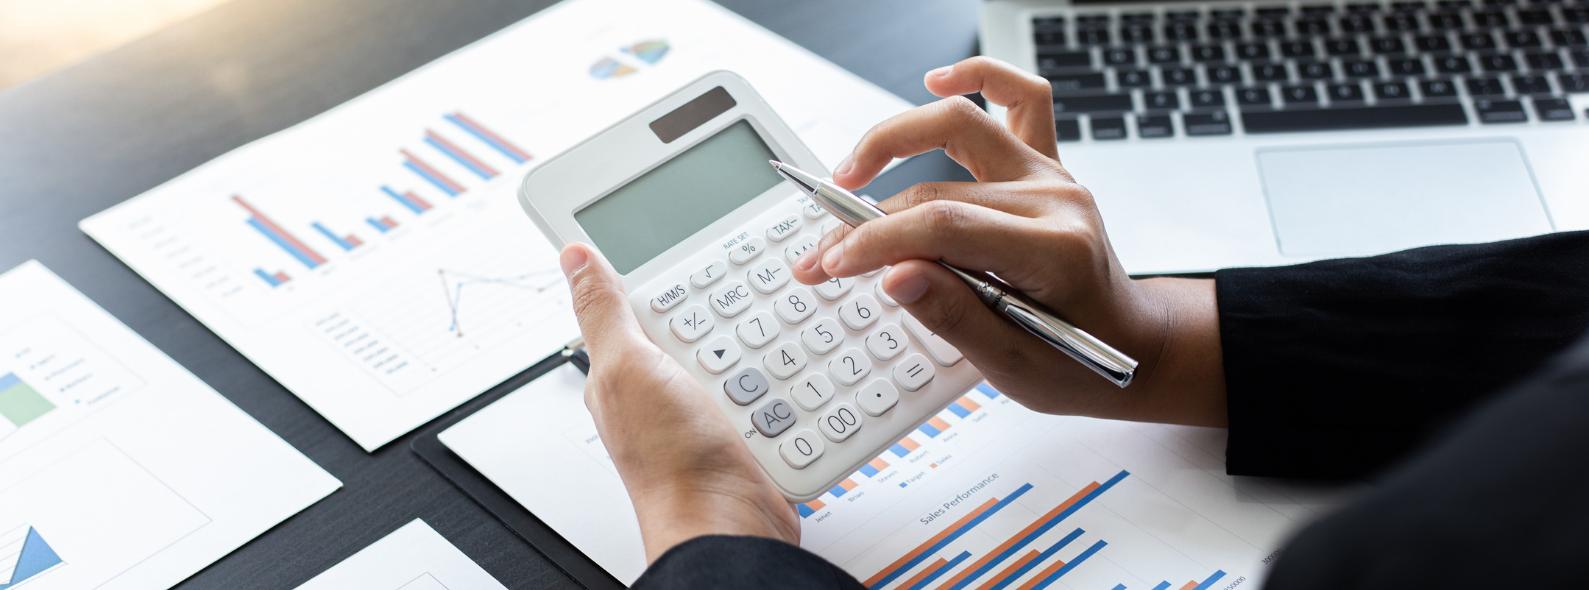 Descubre el criterio de captación con el que asegurar tus ingresos